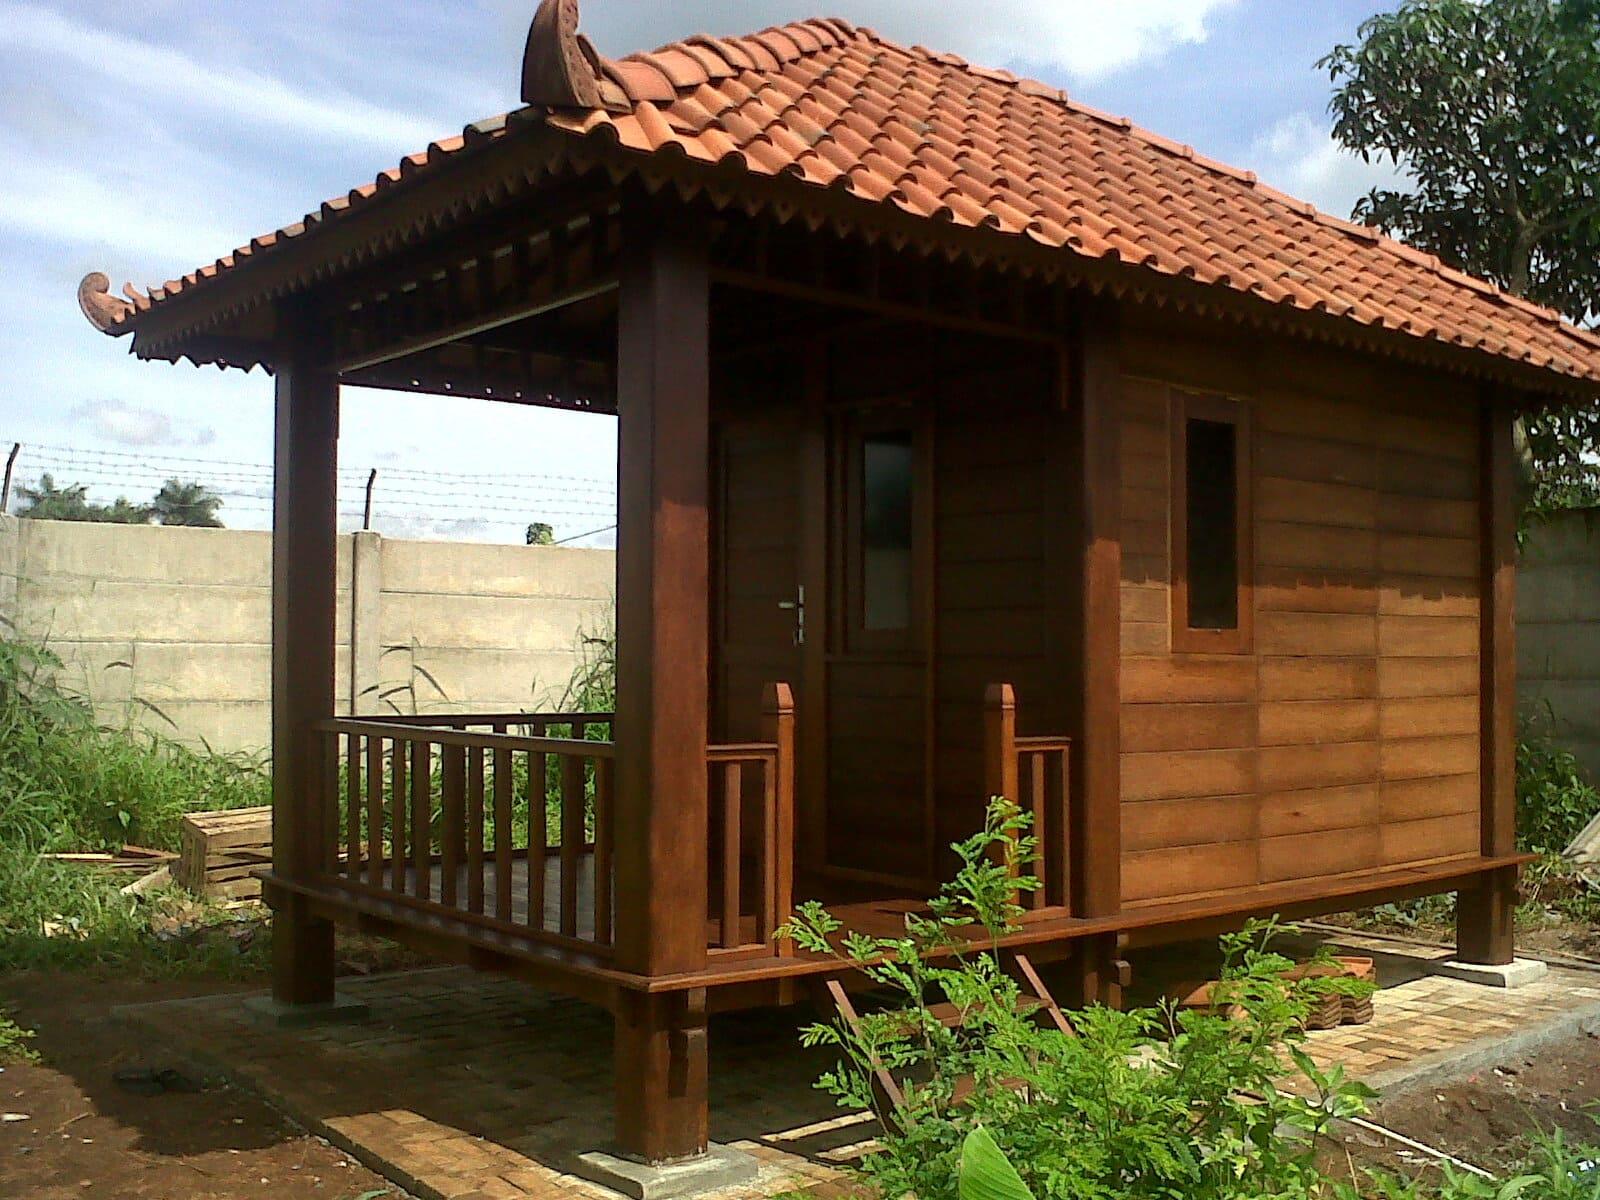 daftar pengembang perumahan di yogyakarta